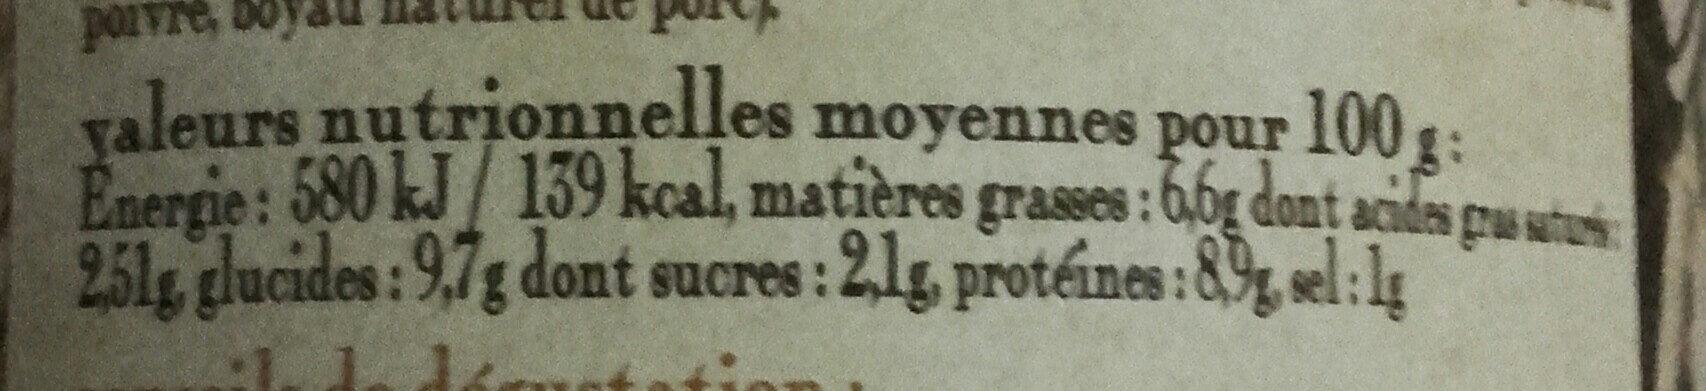 les haricots blancs et saucisses de Toulouse cuisinés à la sauce tomate, boîte 4/4 - Nutrition facts